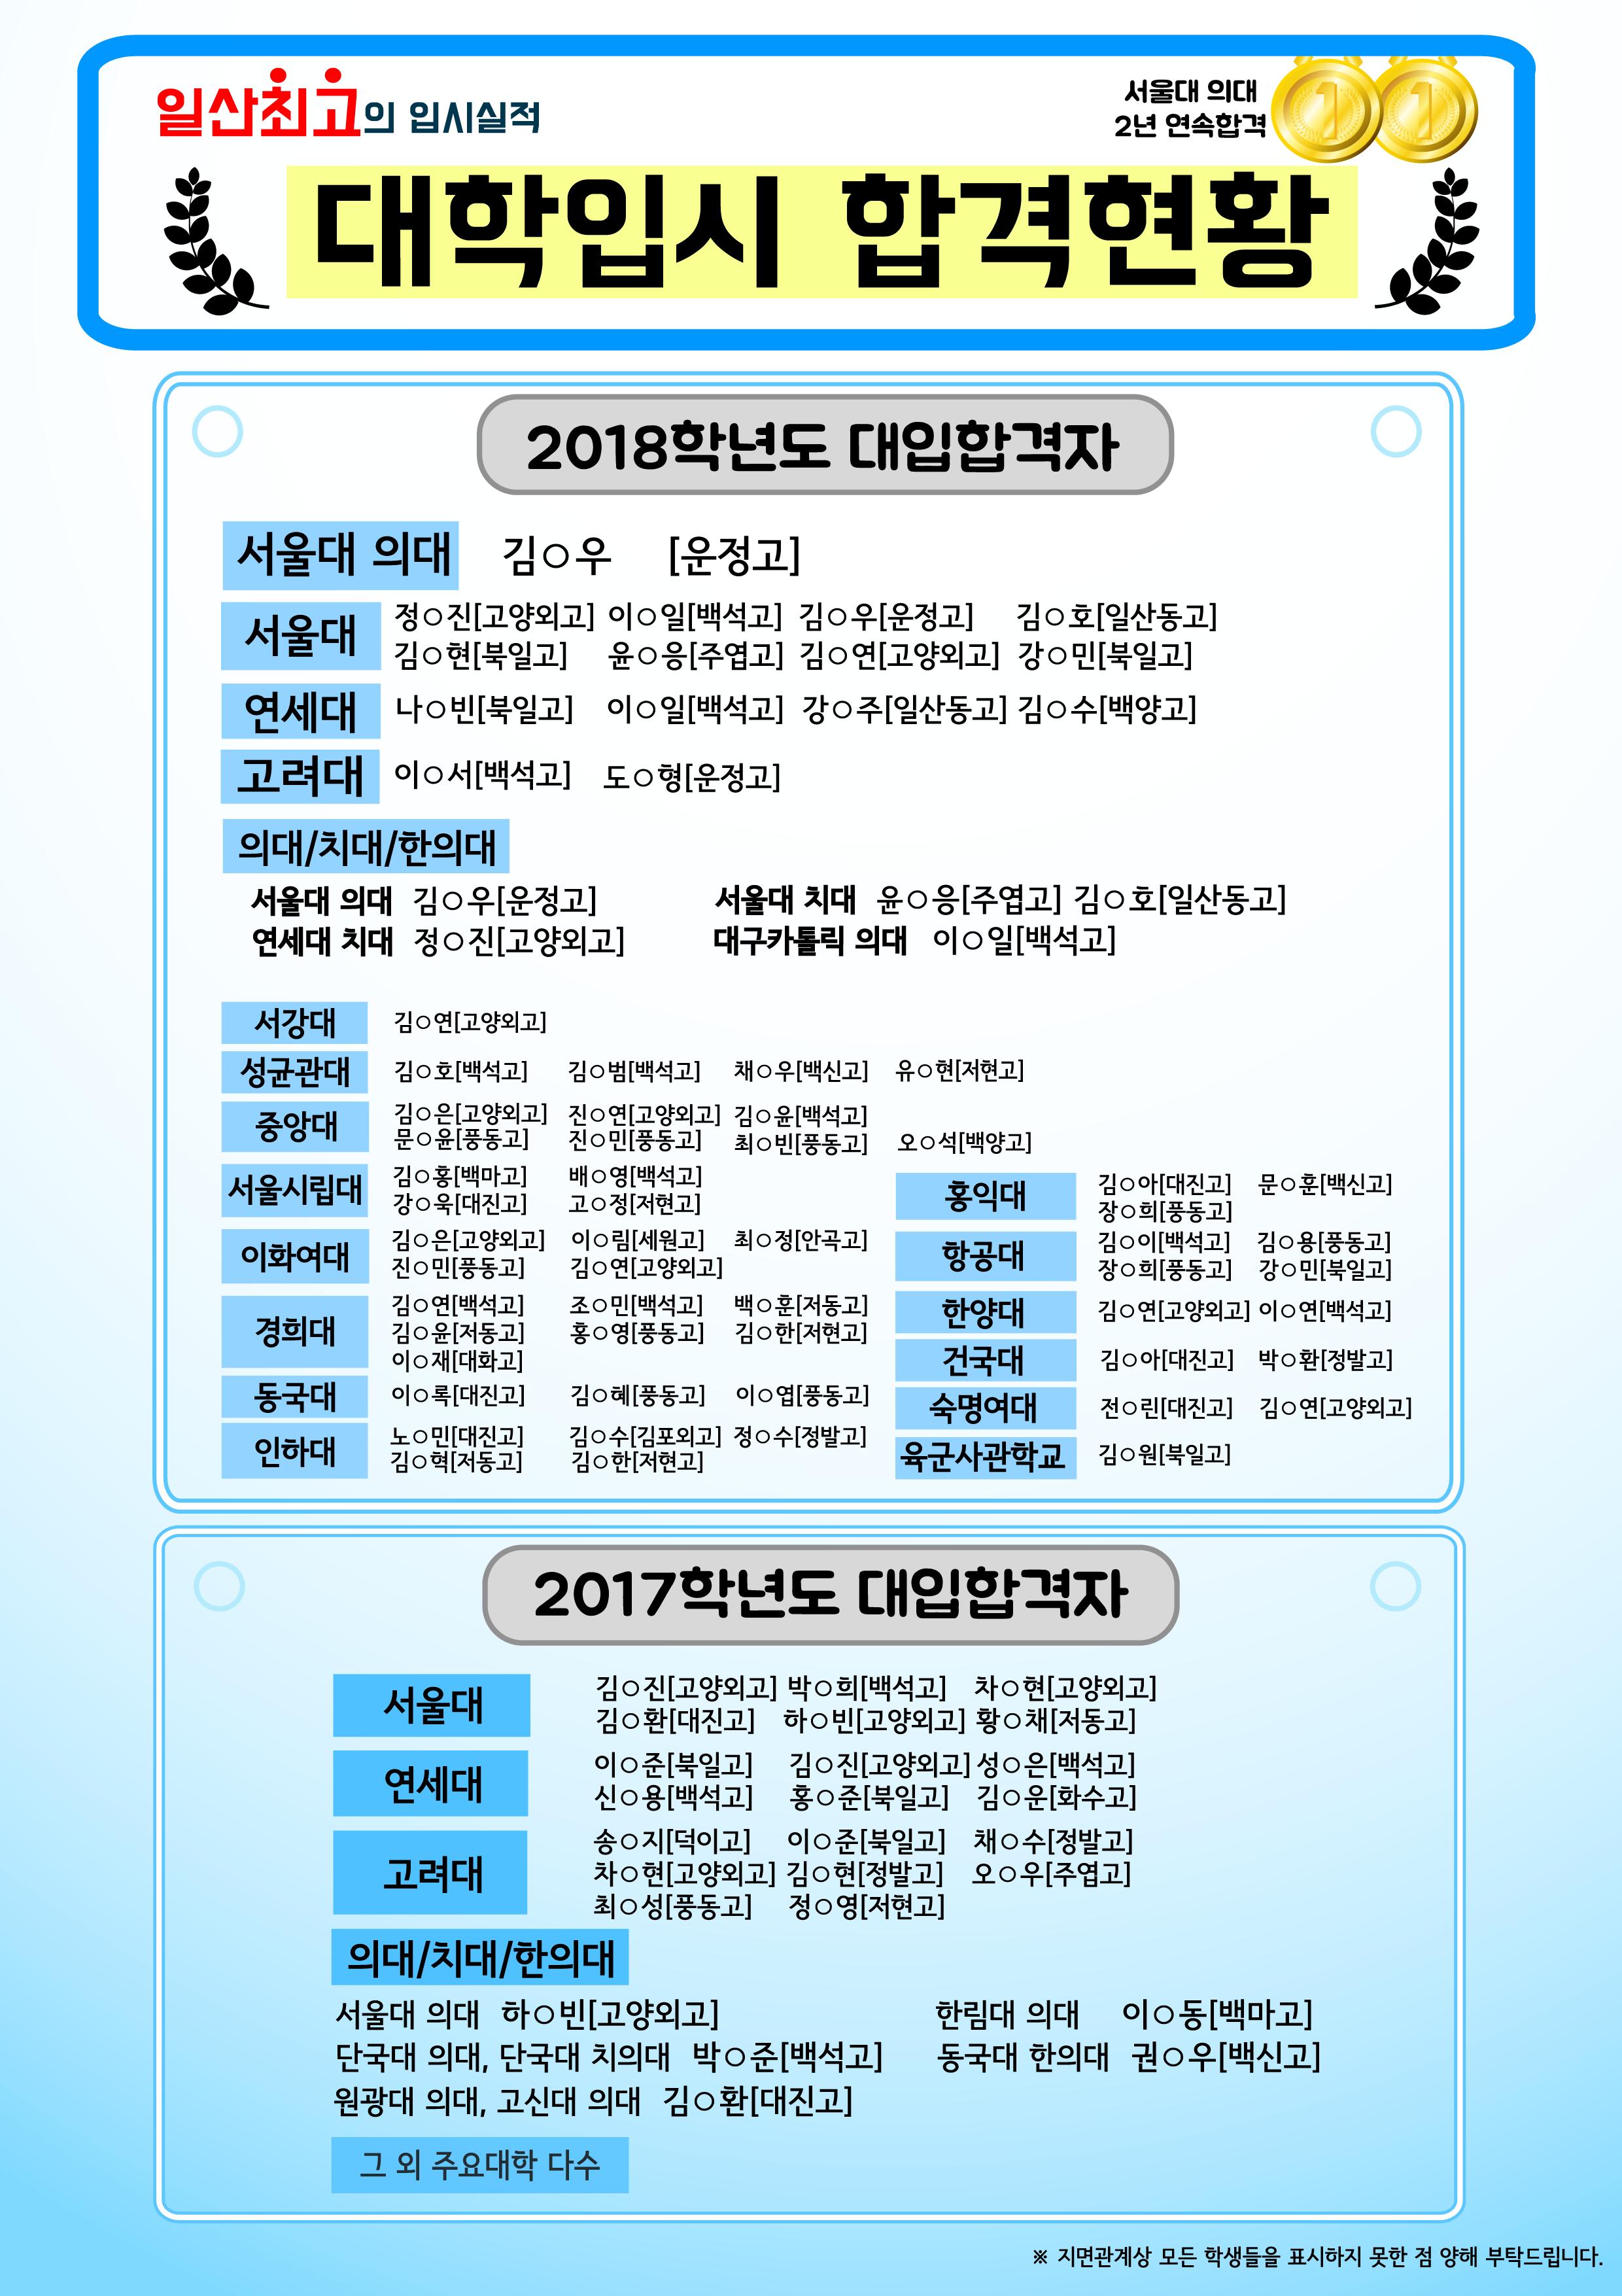 실적보드A4size-화이트배경-최종본(아웃라인완료).png